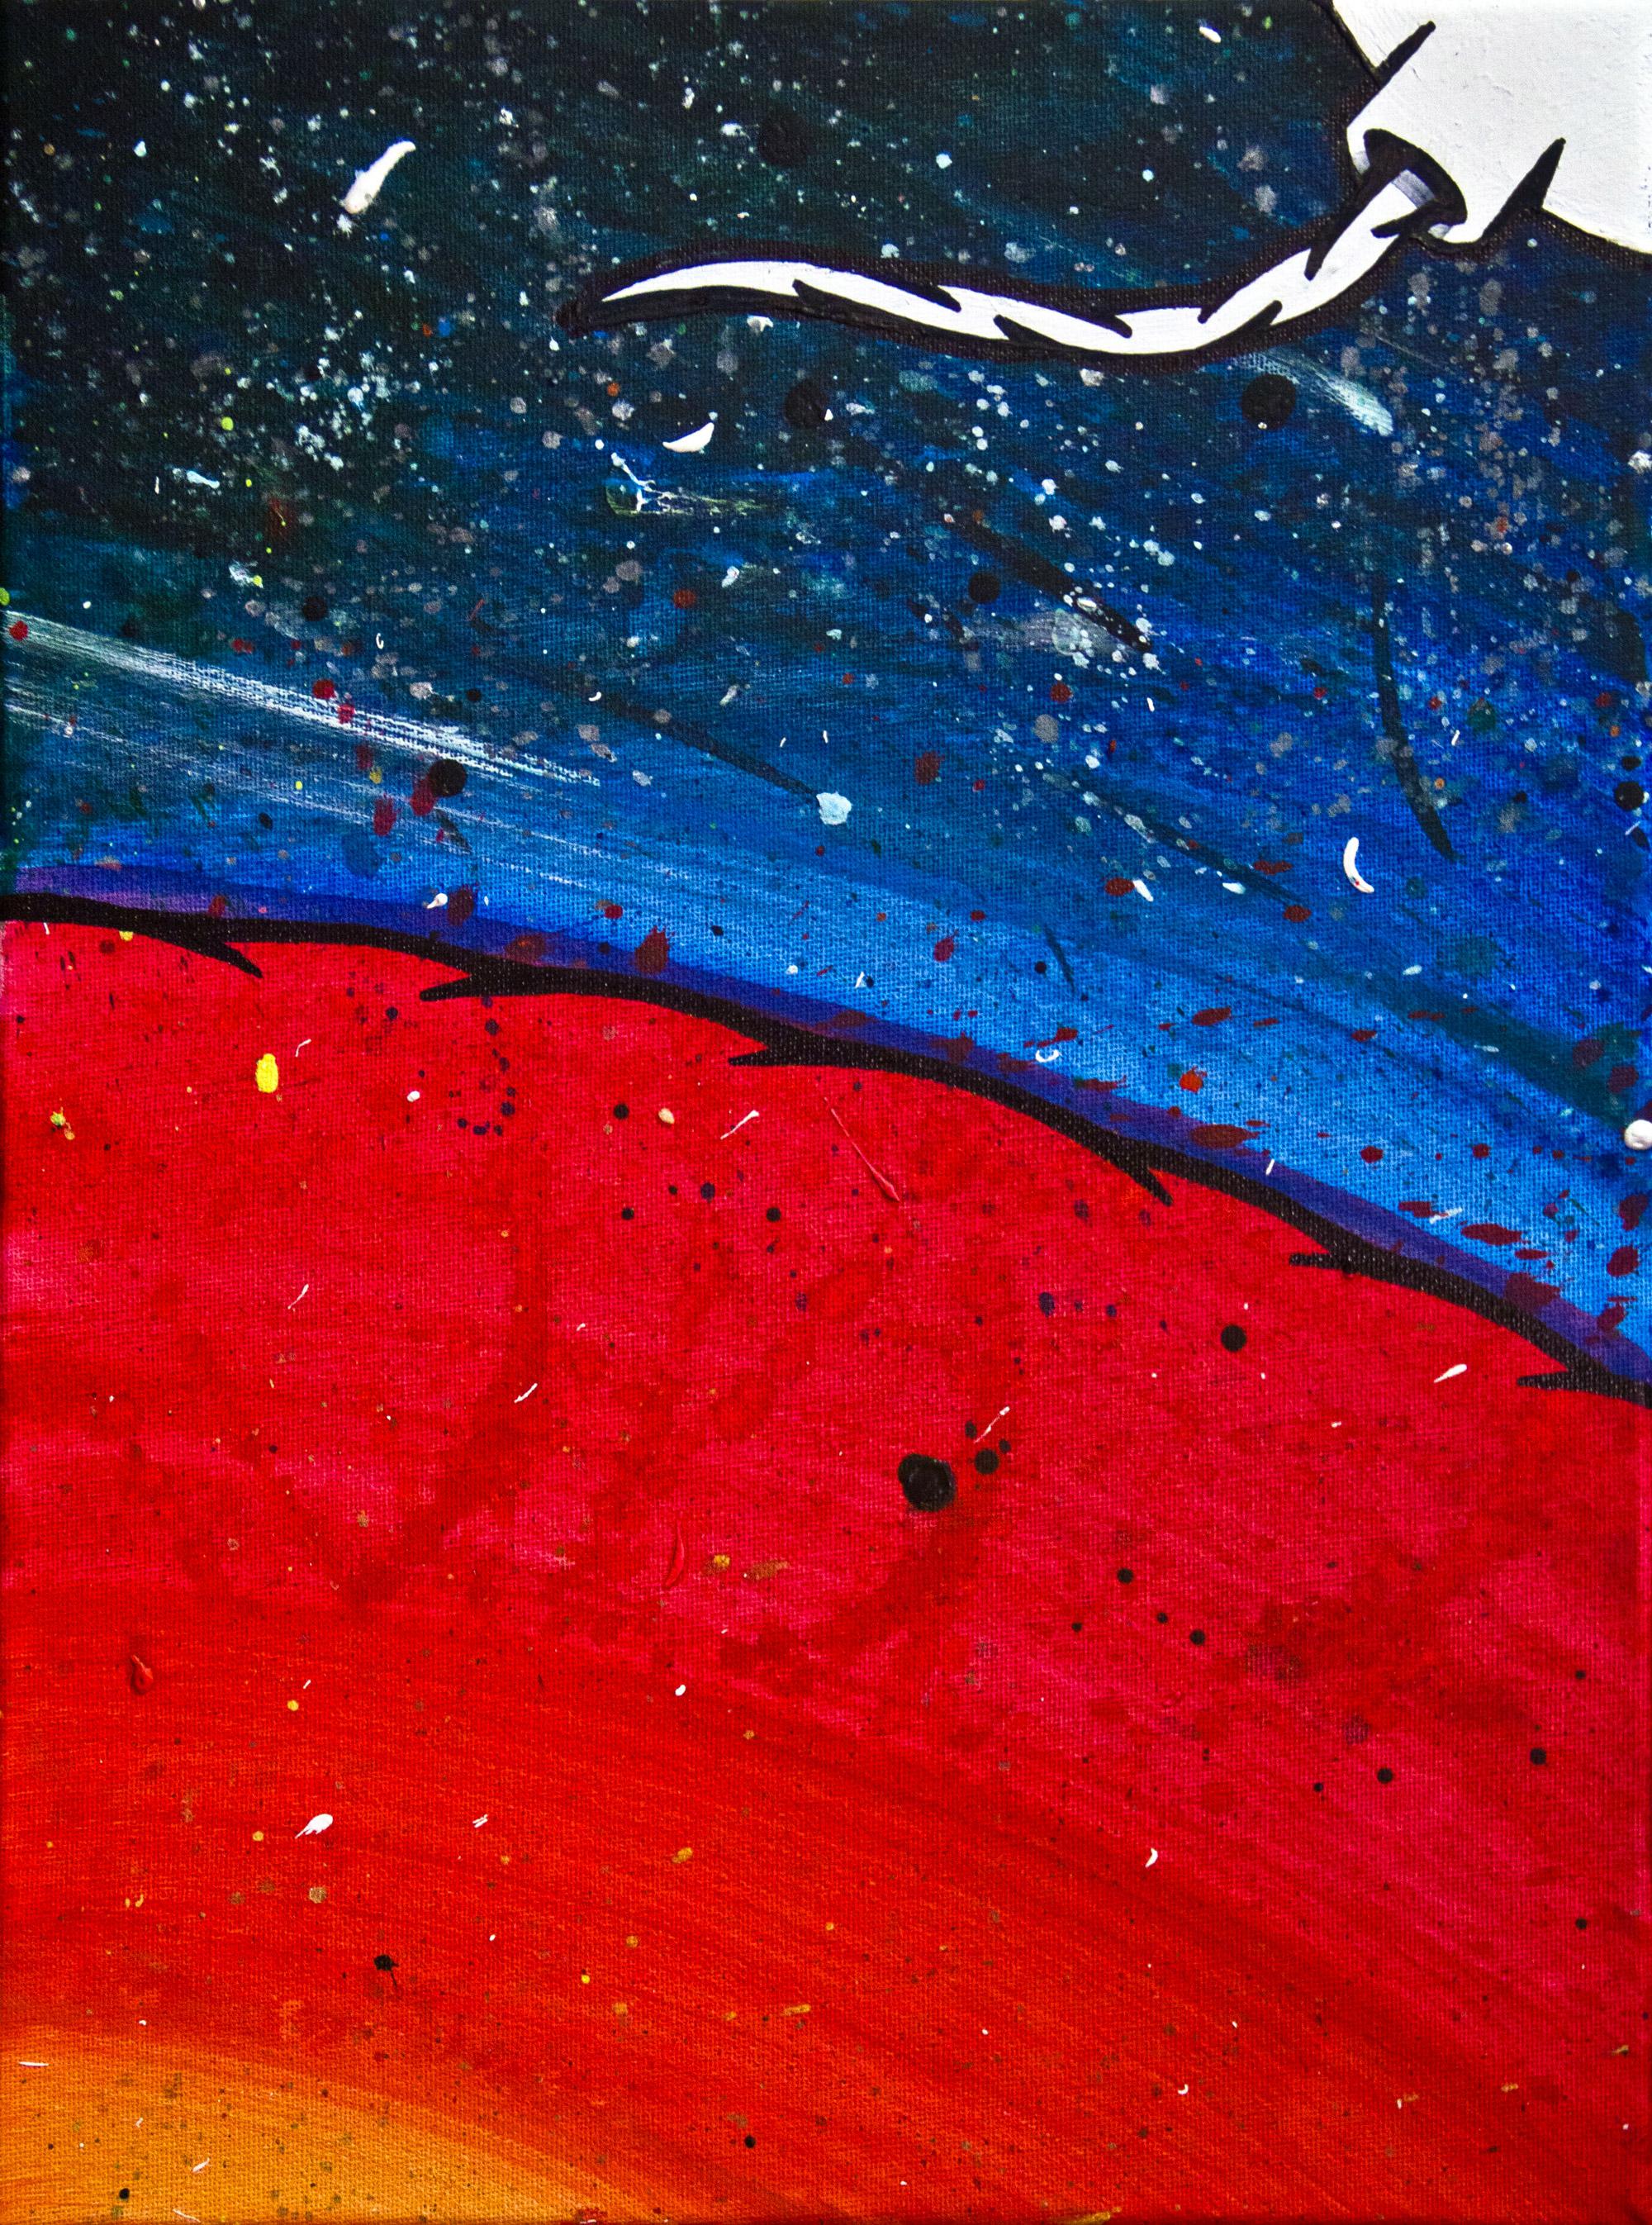 space-trittico-1